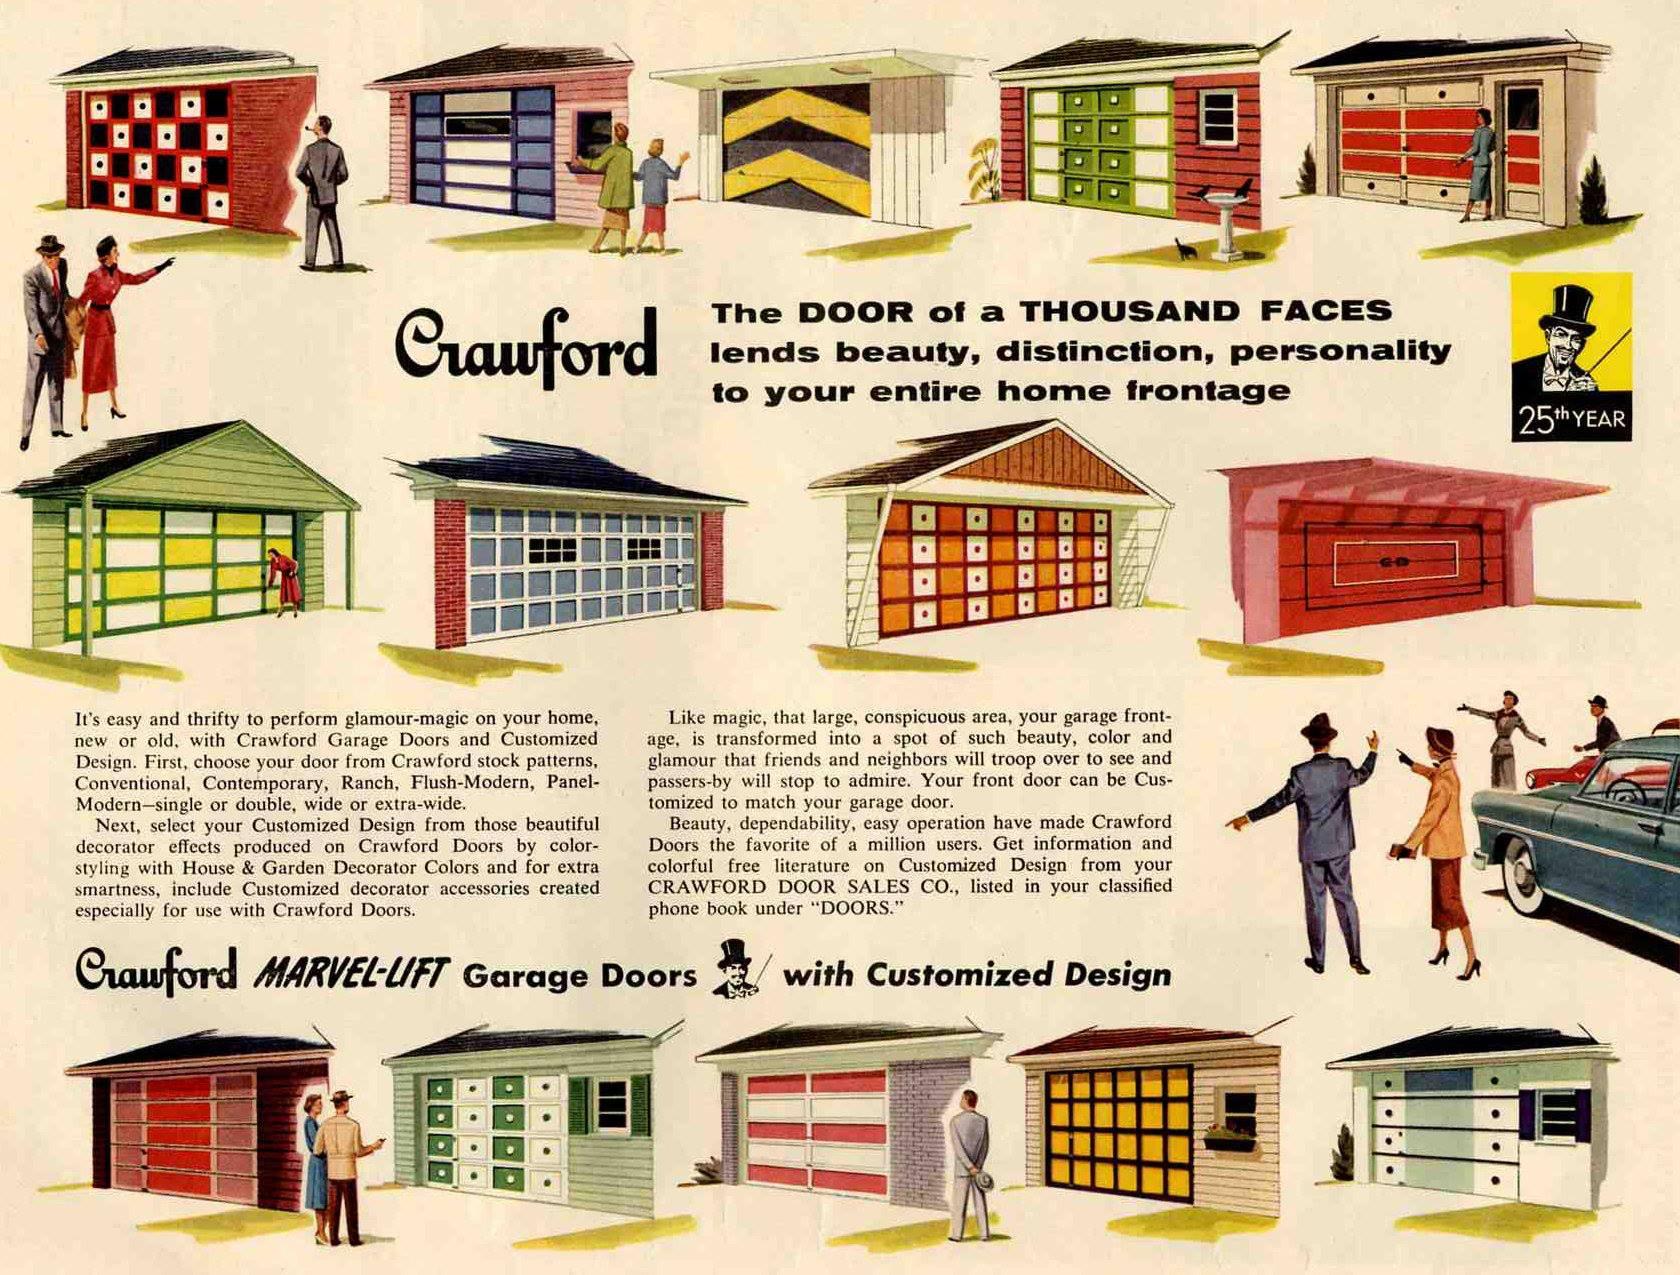 Garage-Doors Crawford gammel